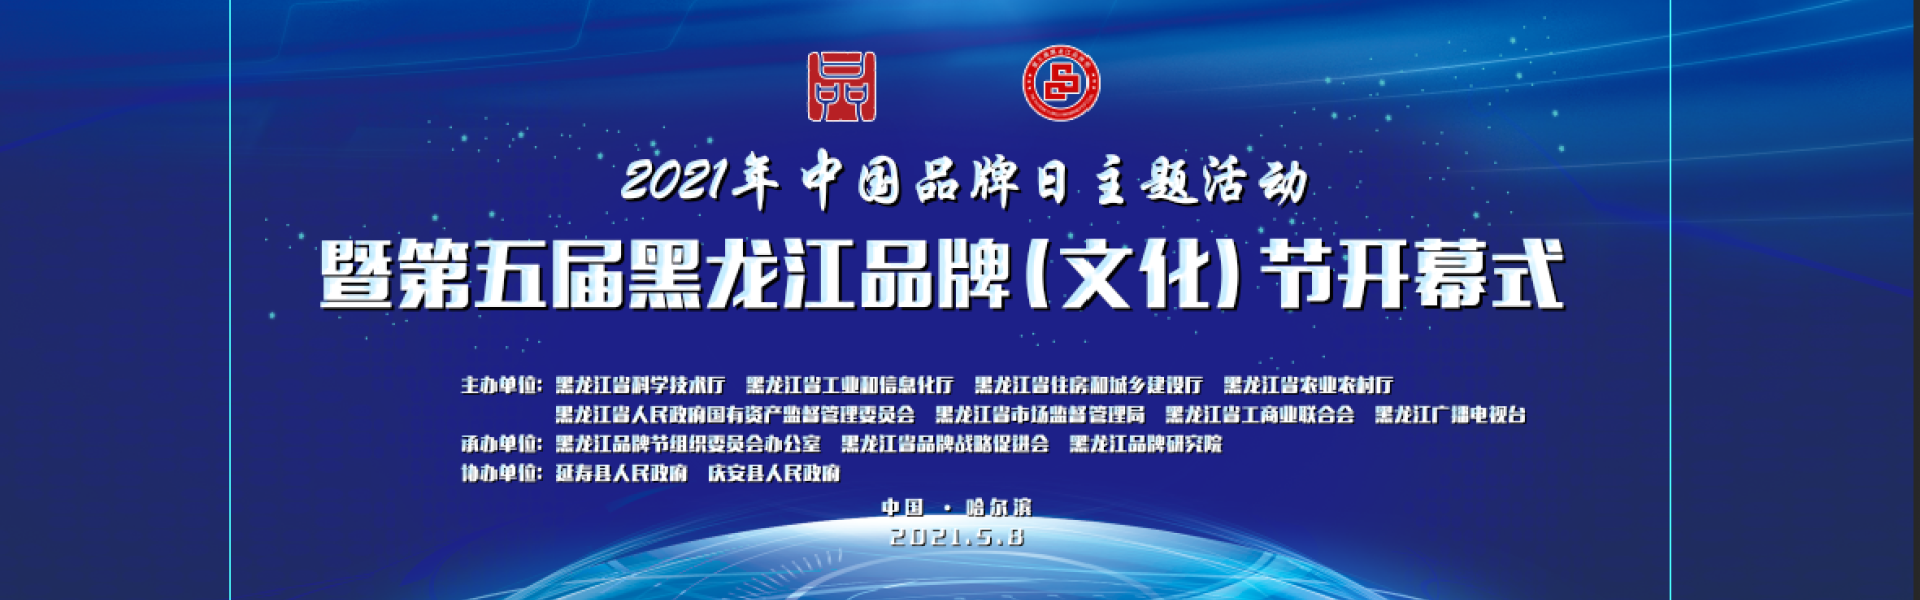 2021年中国品牌日主题活动暨第五届黑龙江品牌(文化)节开幕式隆重举行